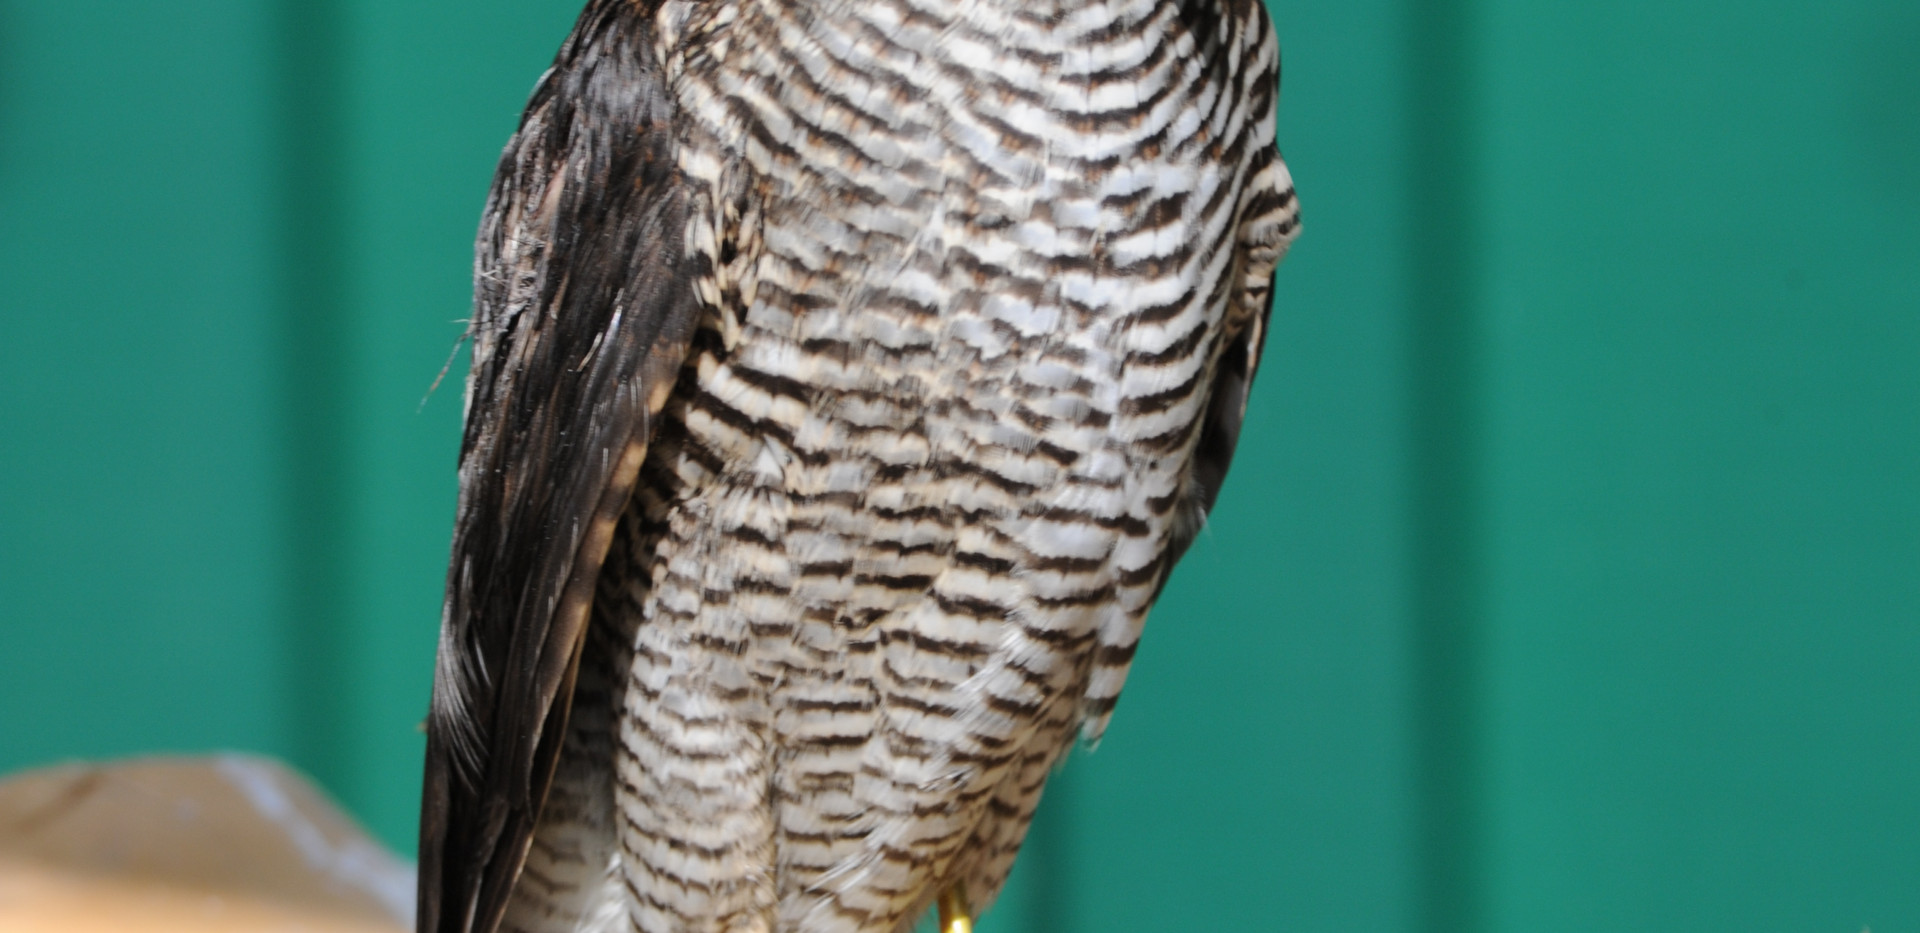 European hawk